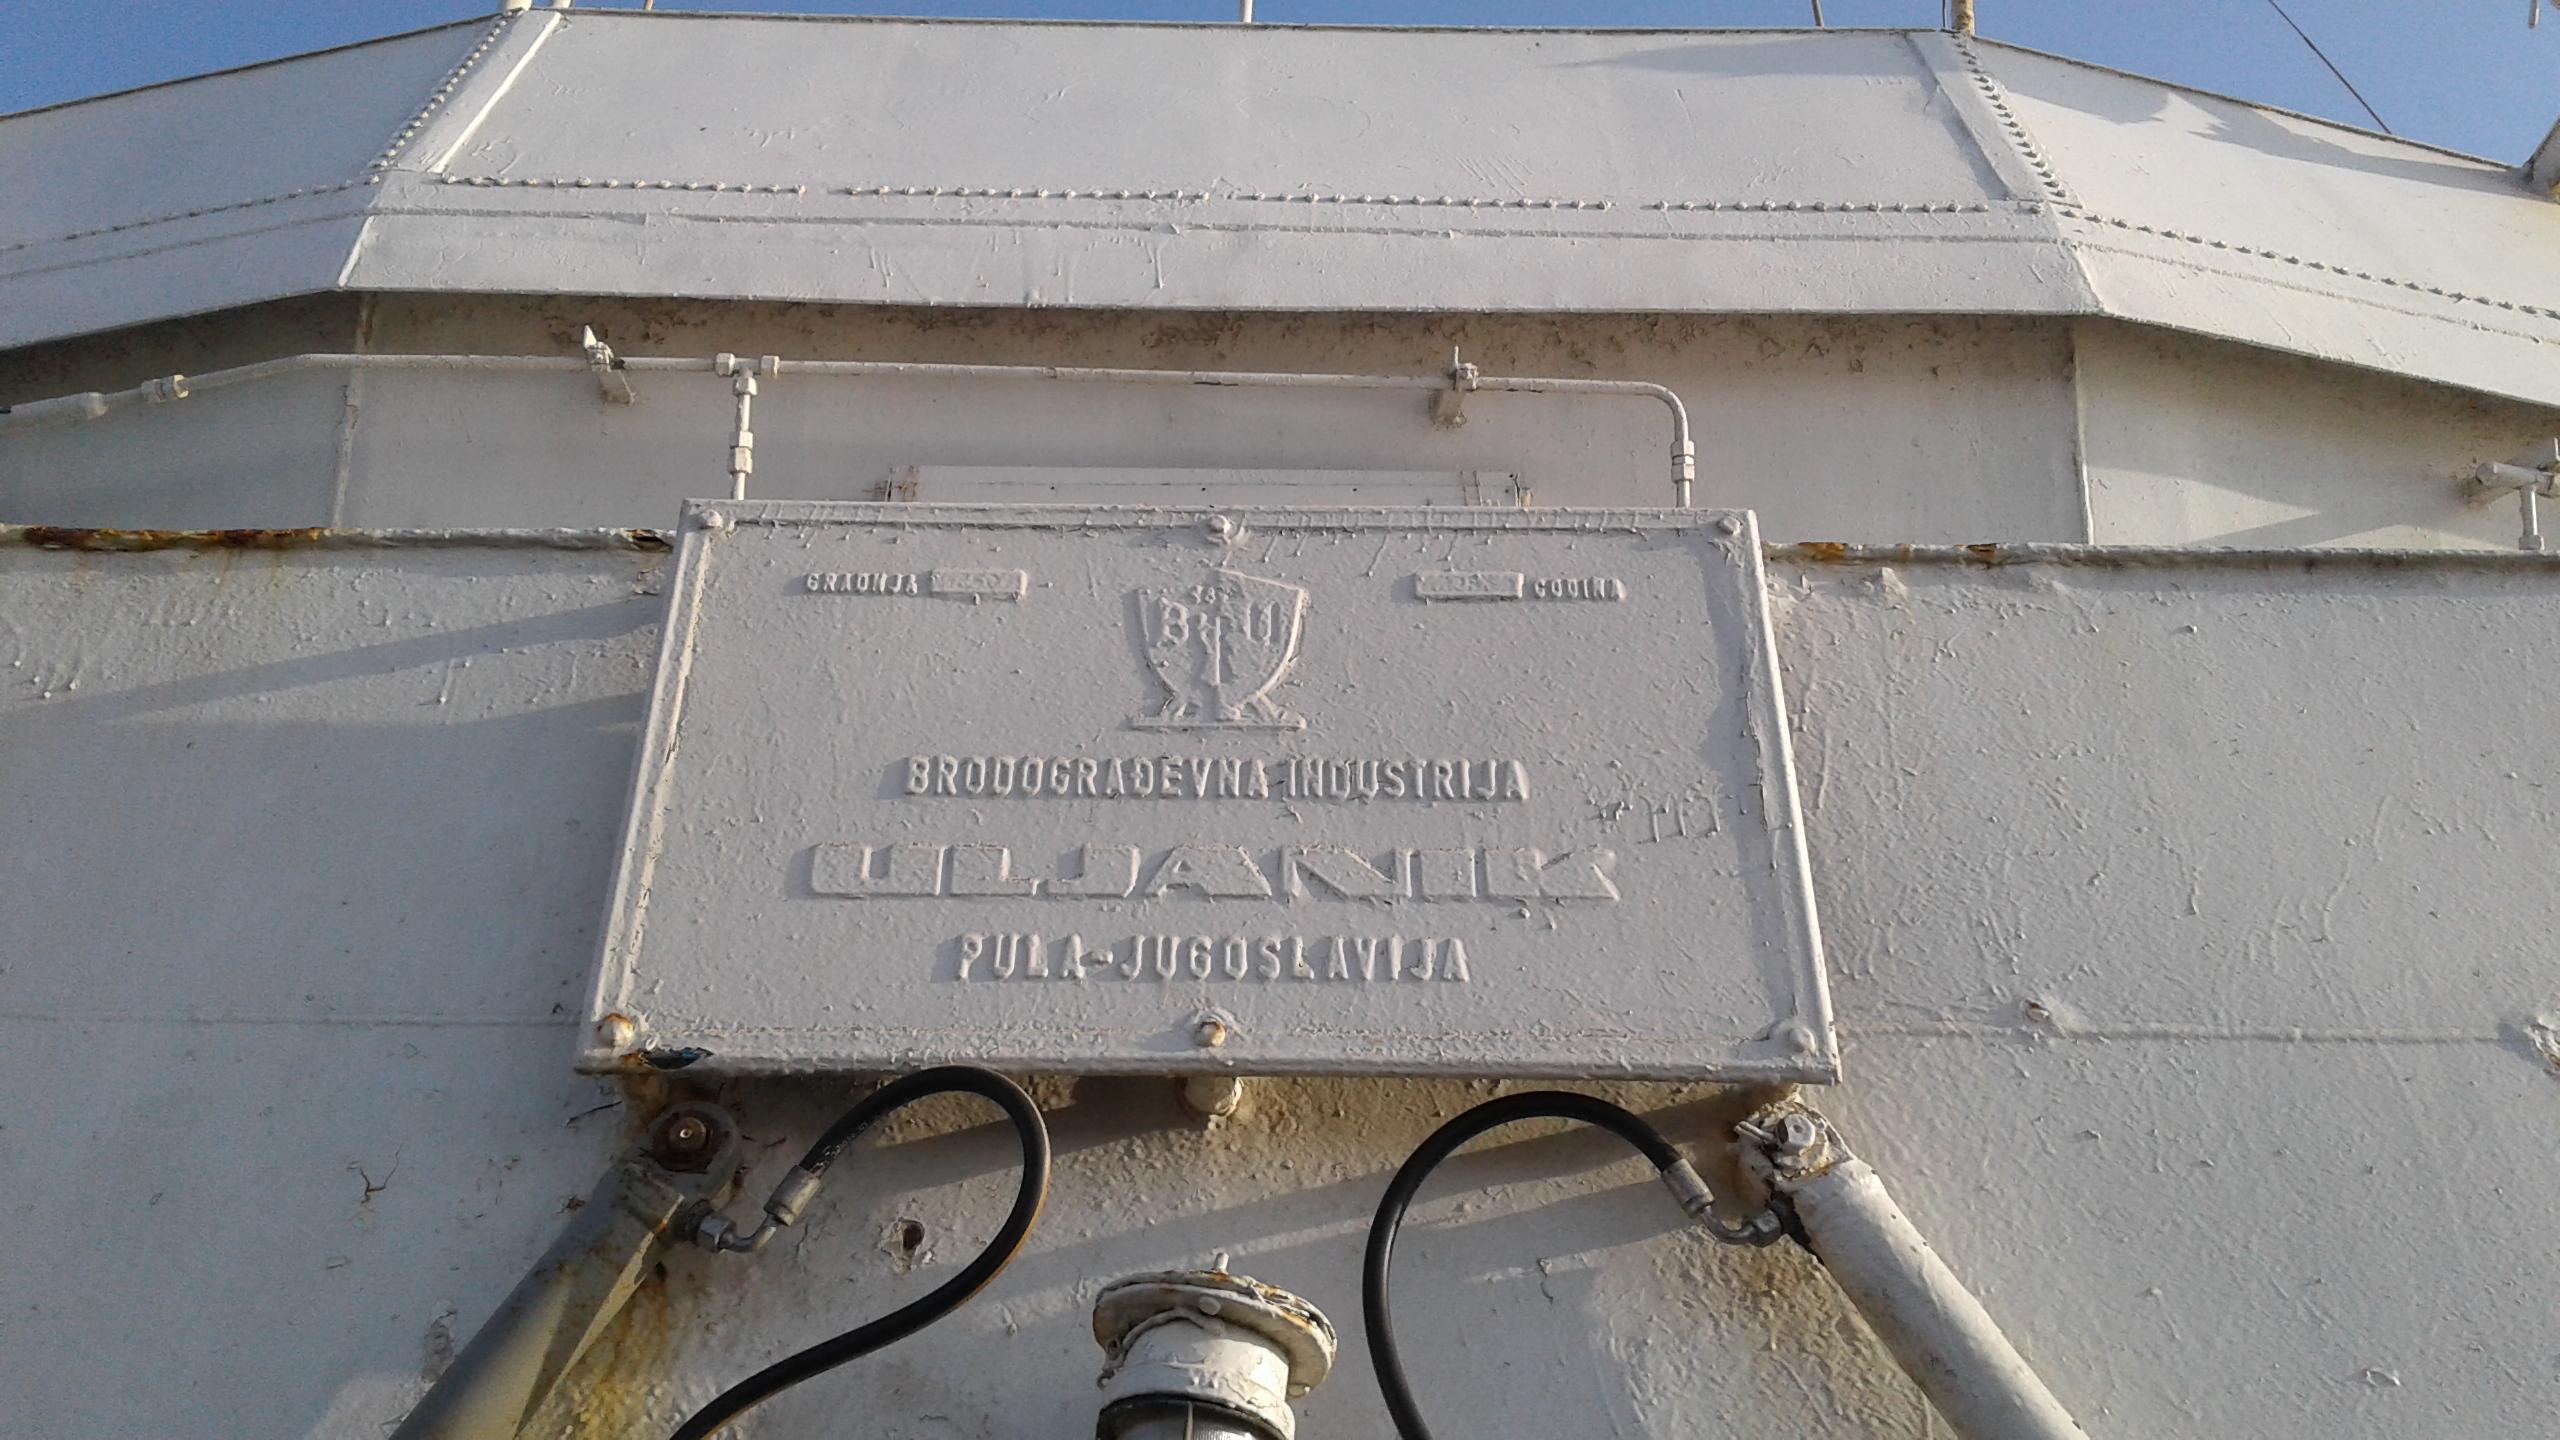 Hoppácska. Ezt a hajót a szomszédban, Jugoszláviában gyártották.